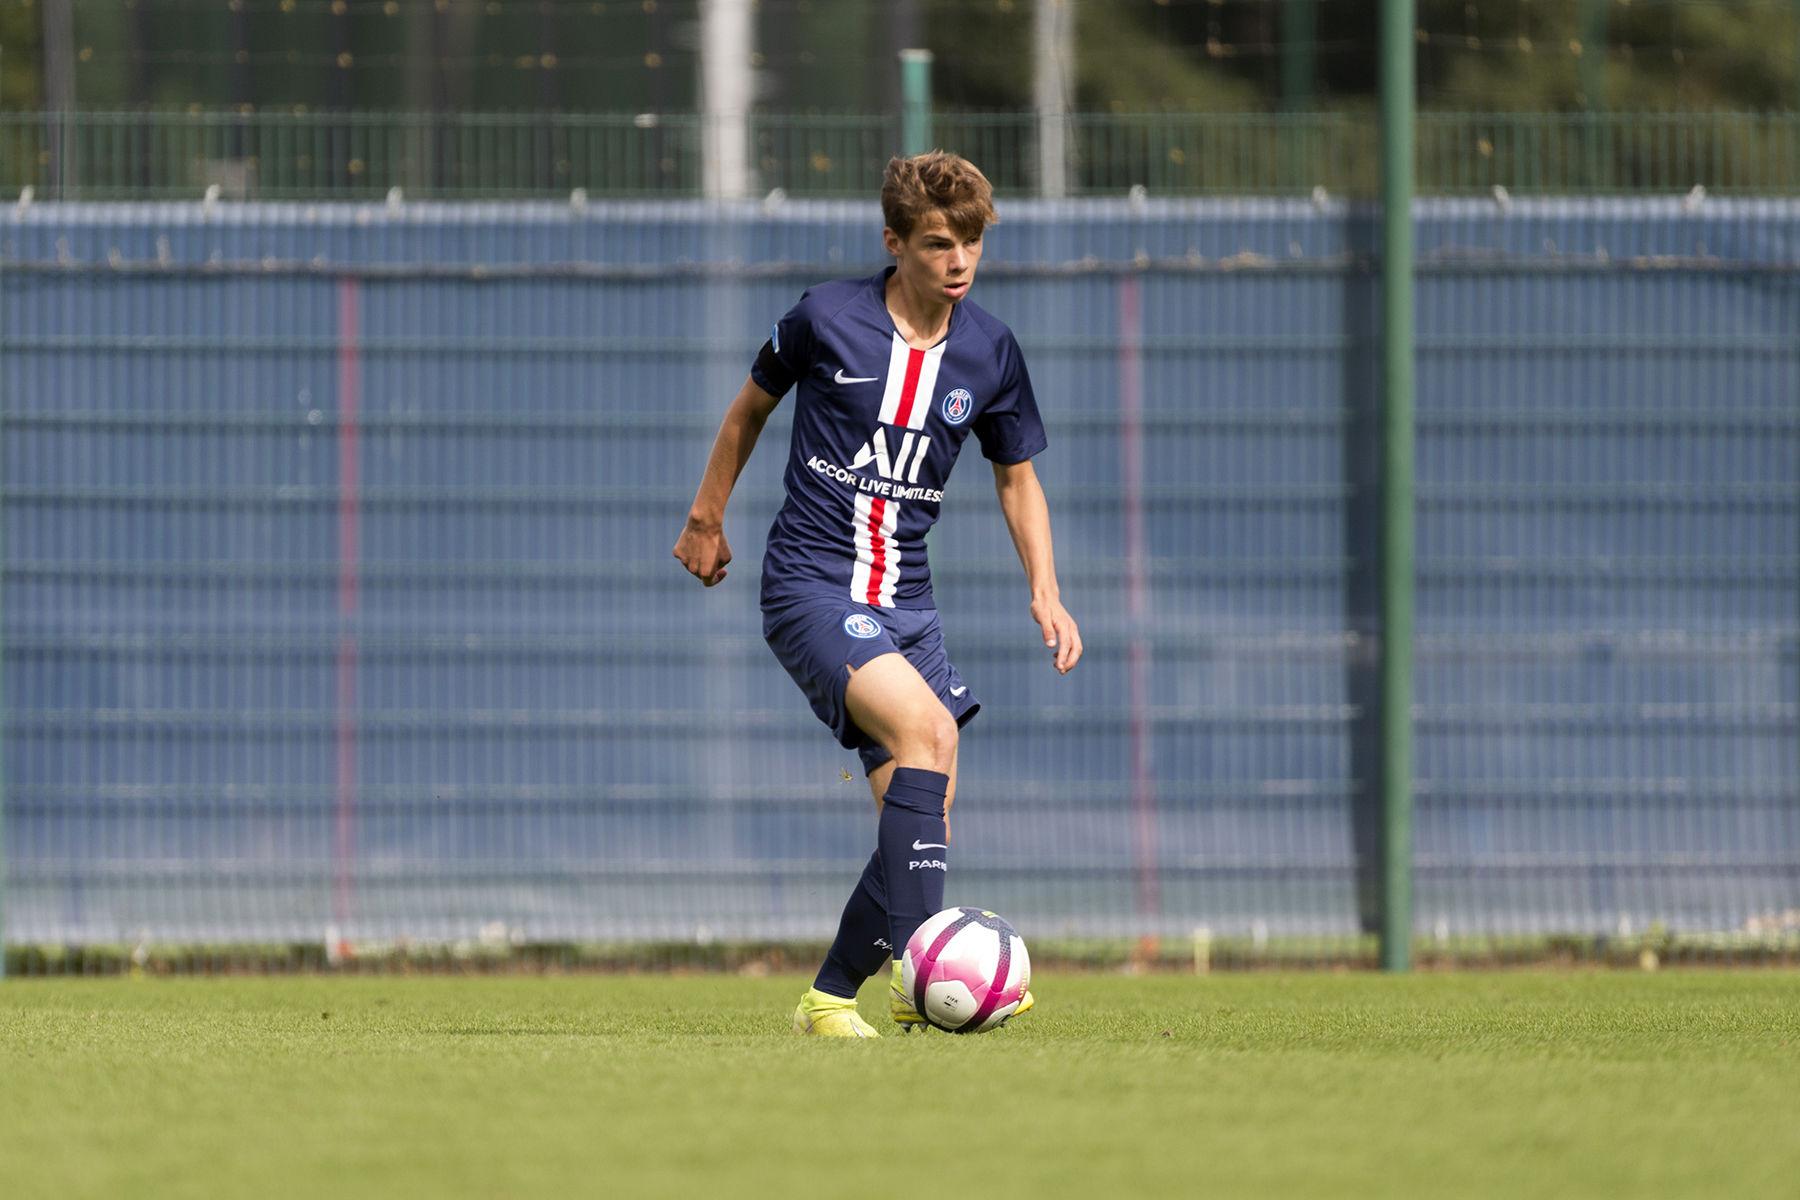 天空体育:曼城希望在今夏签下巴黎17岁小将米楚特